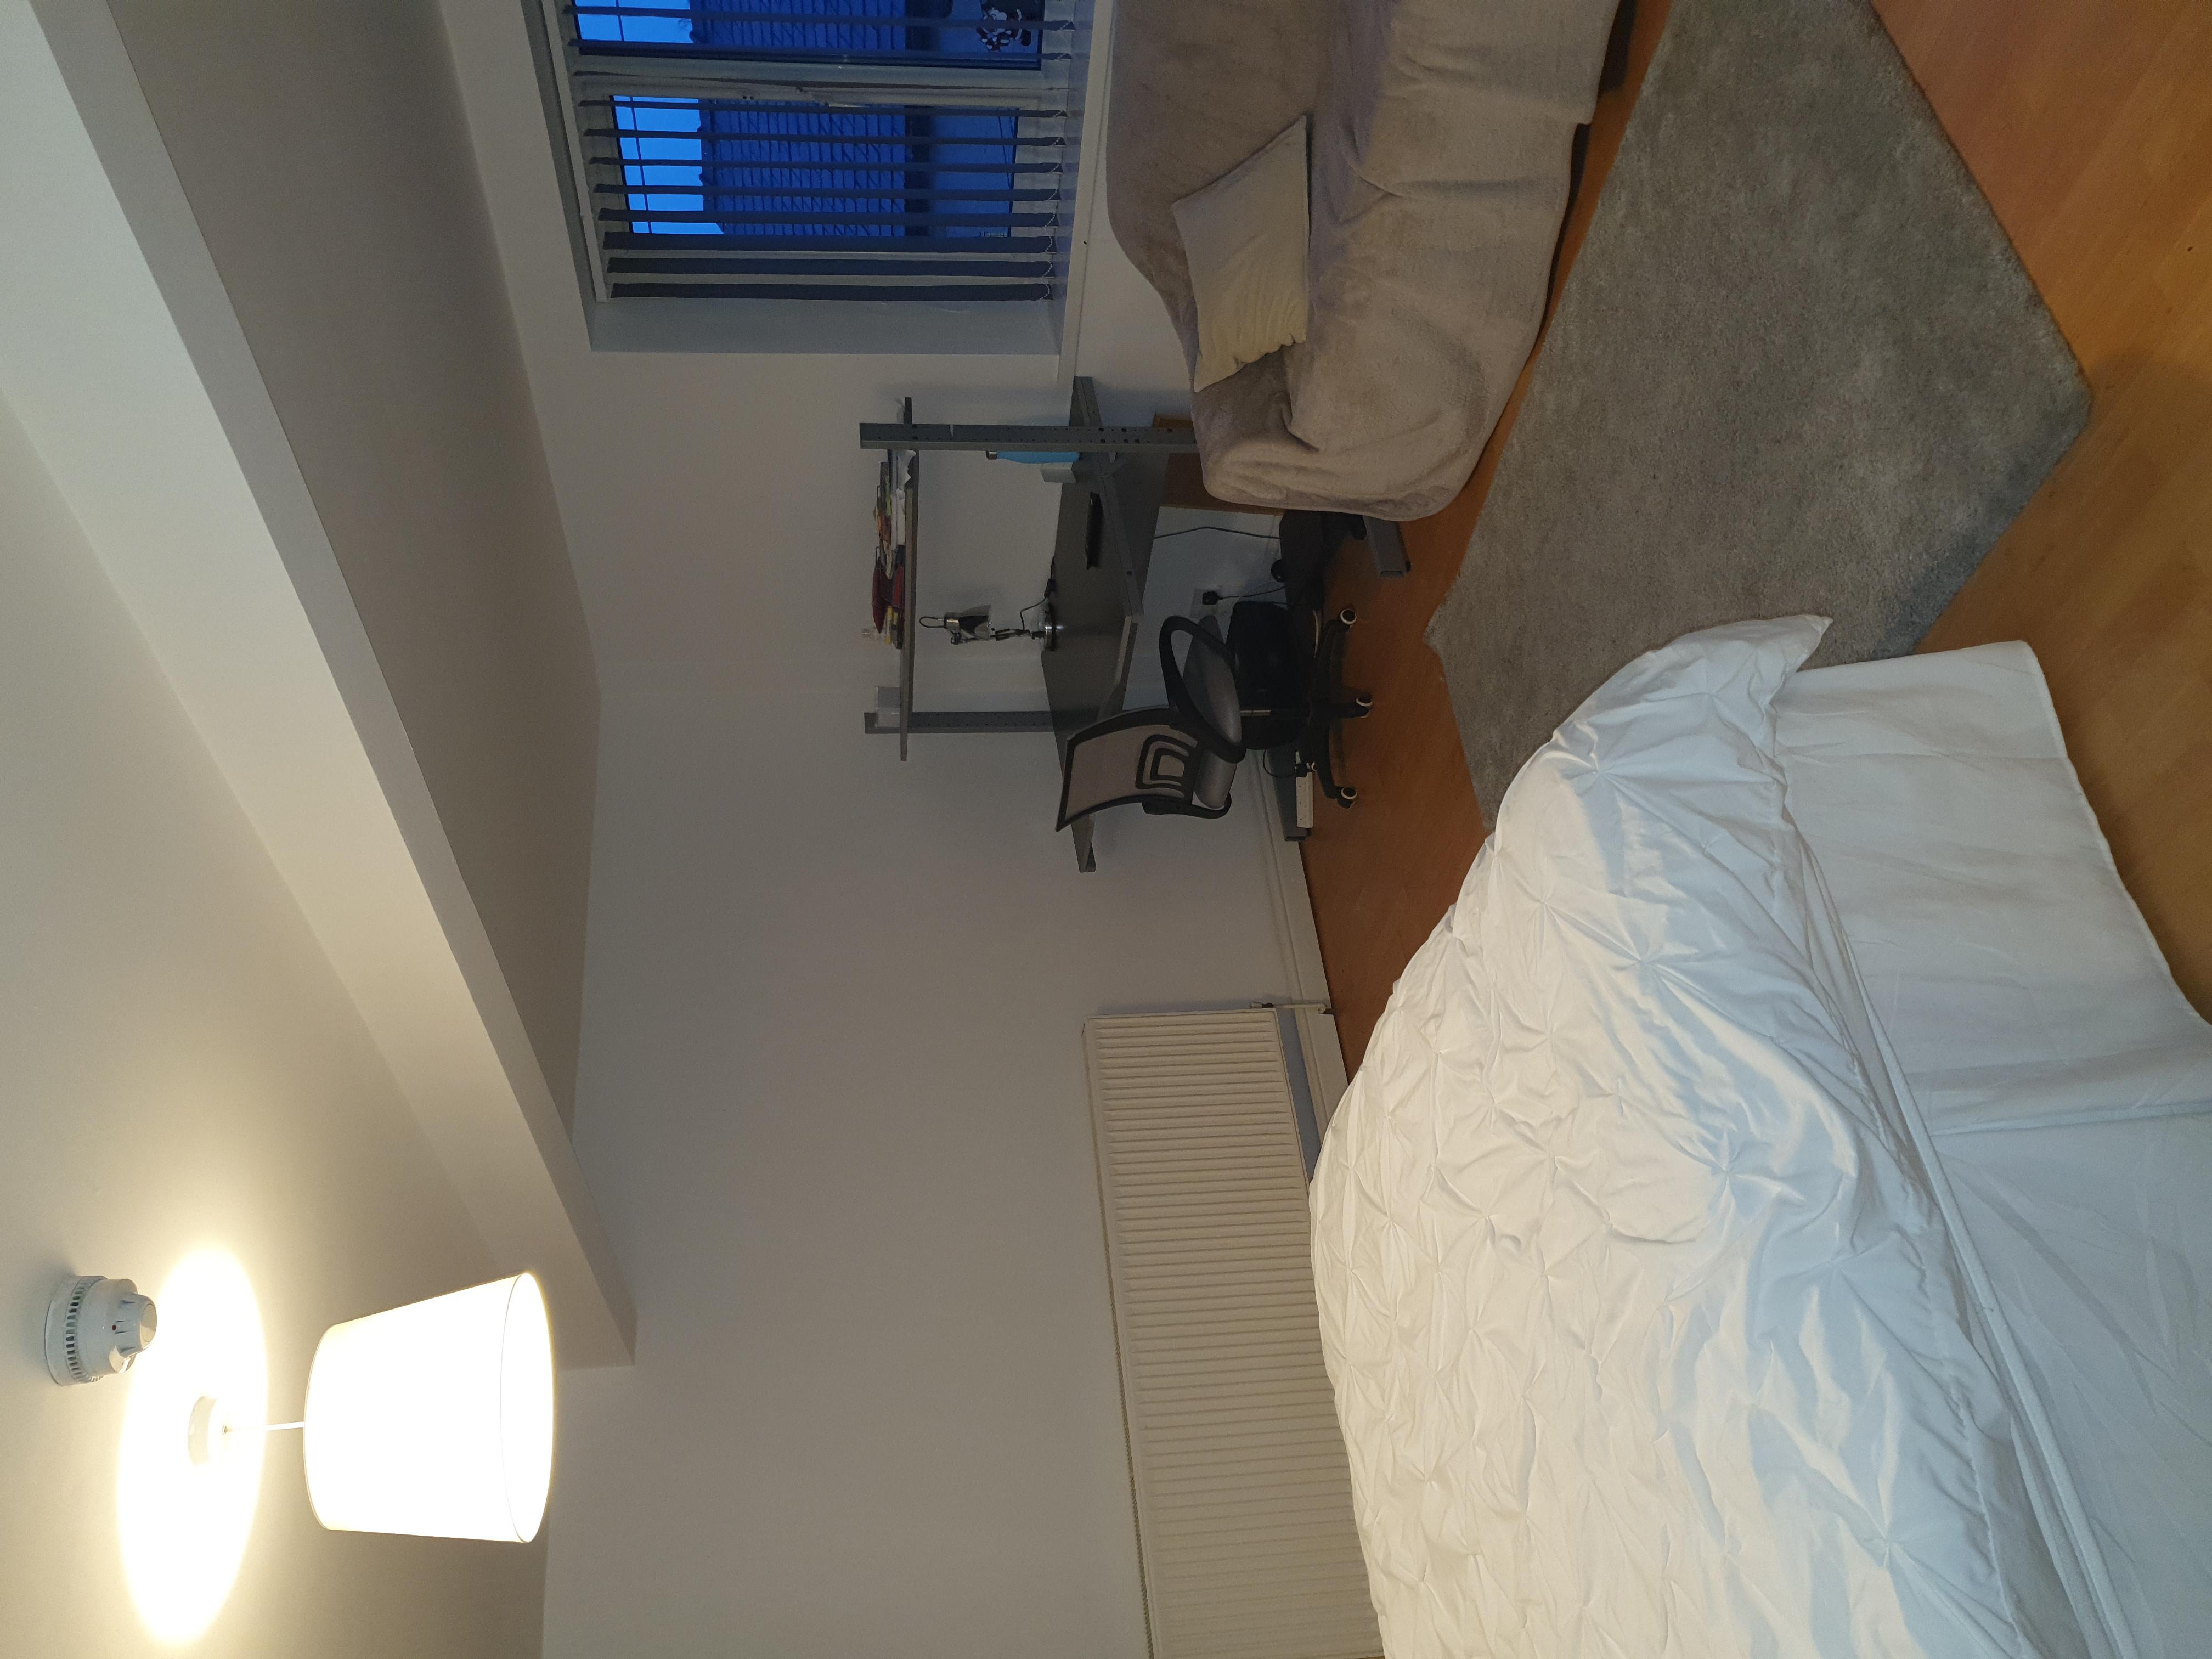 davenport 6 bed room 2